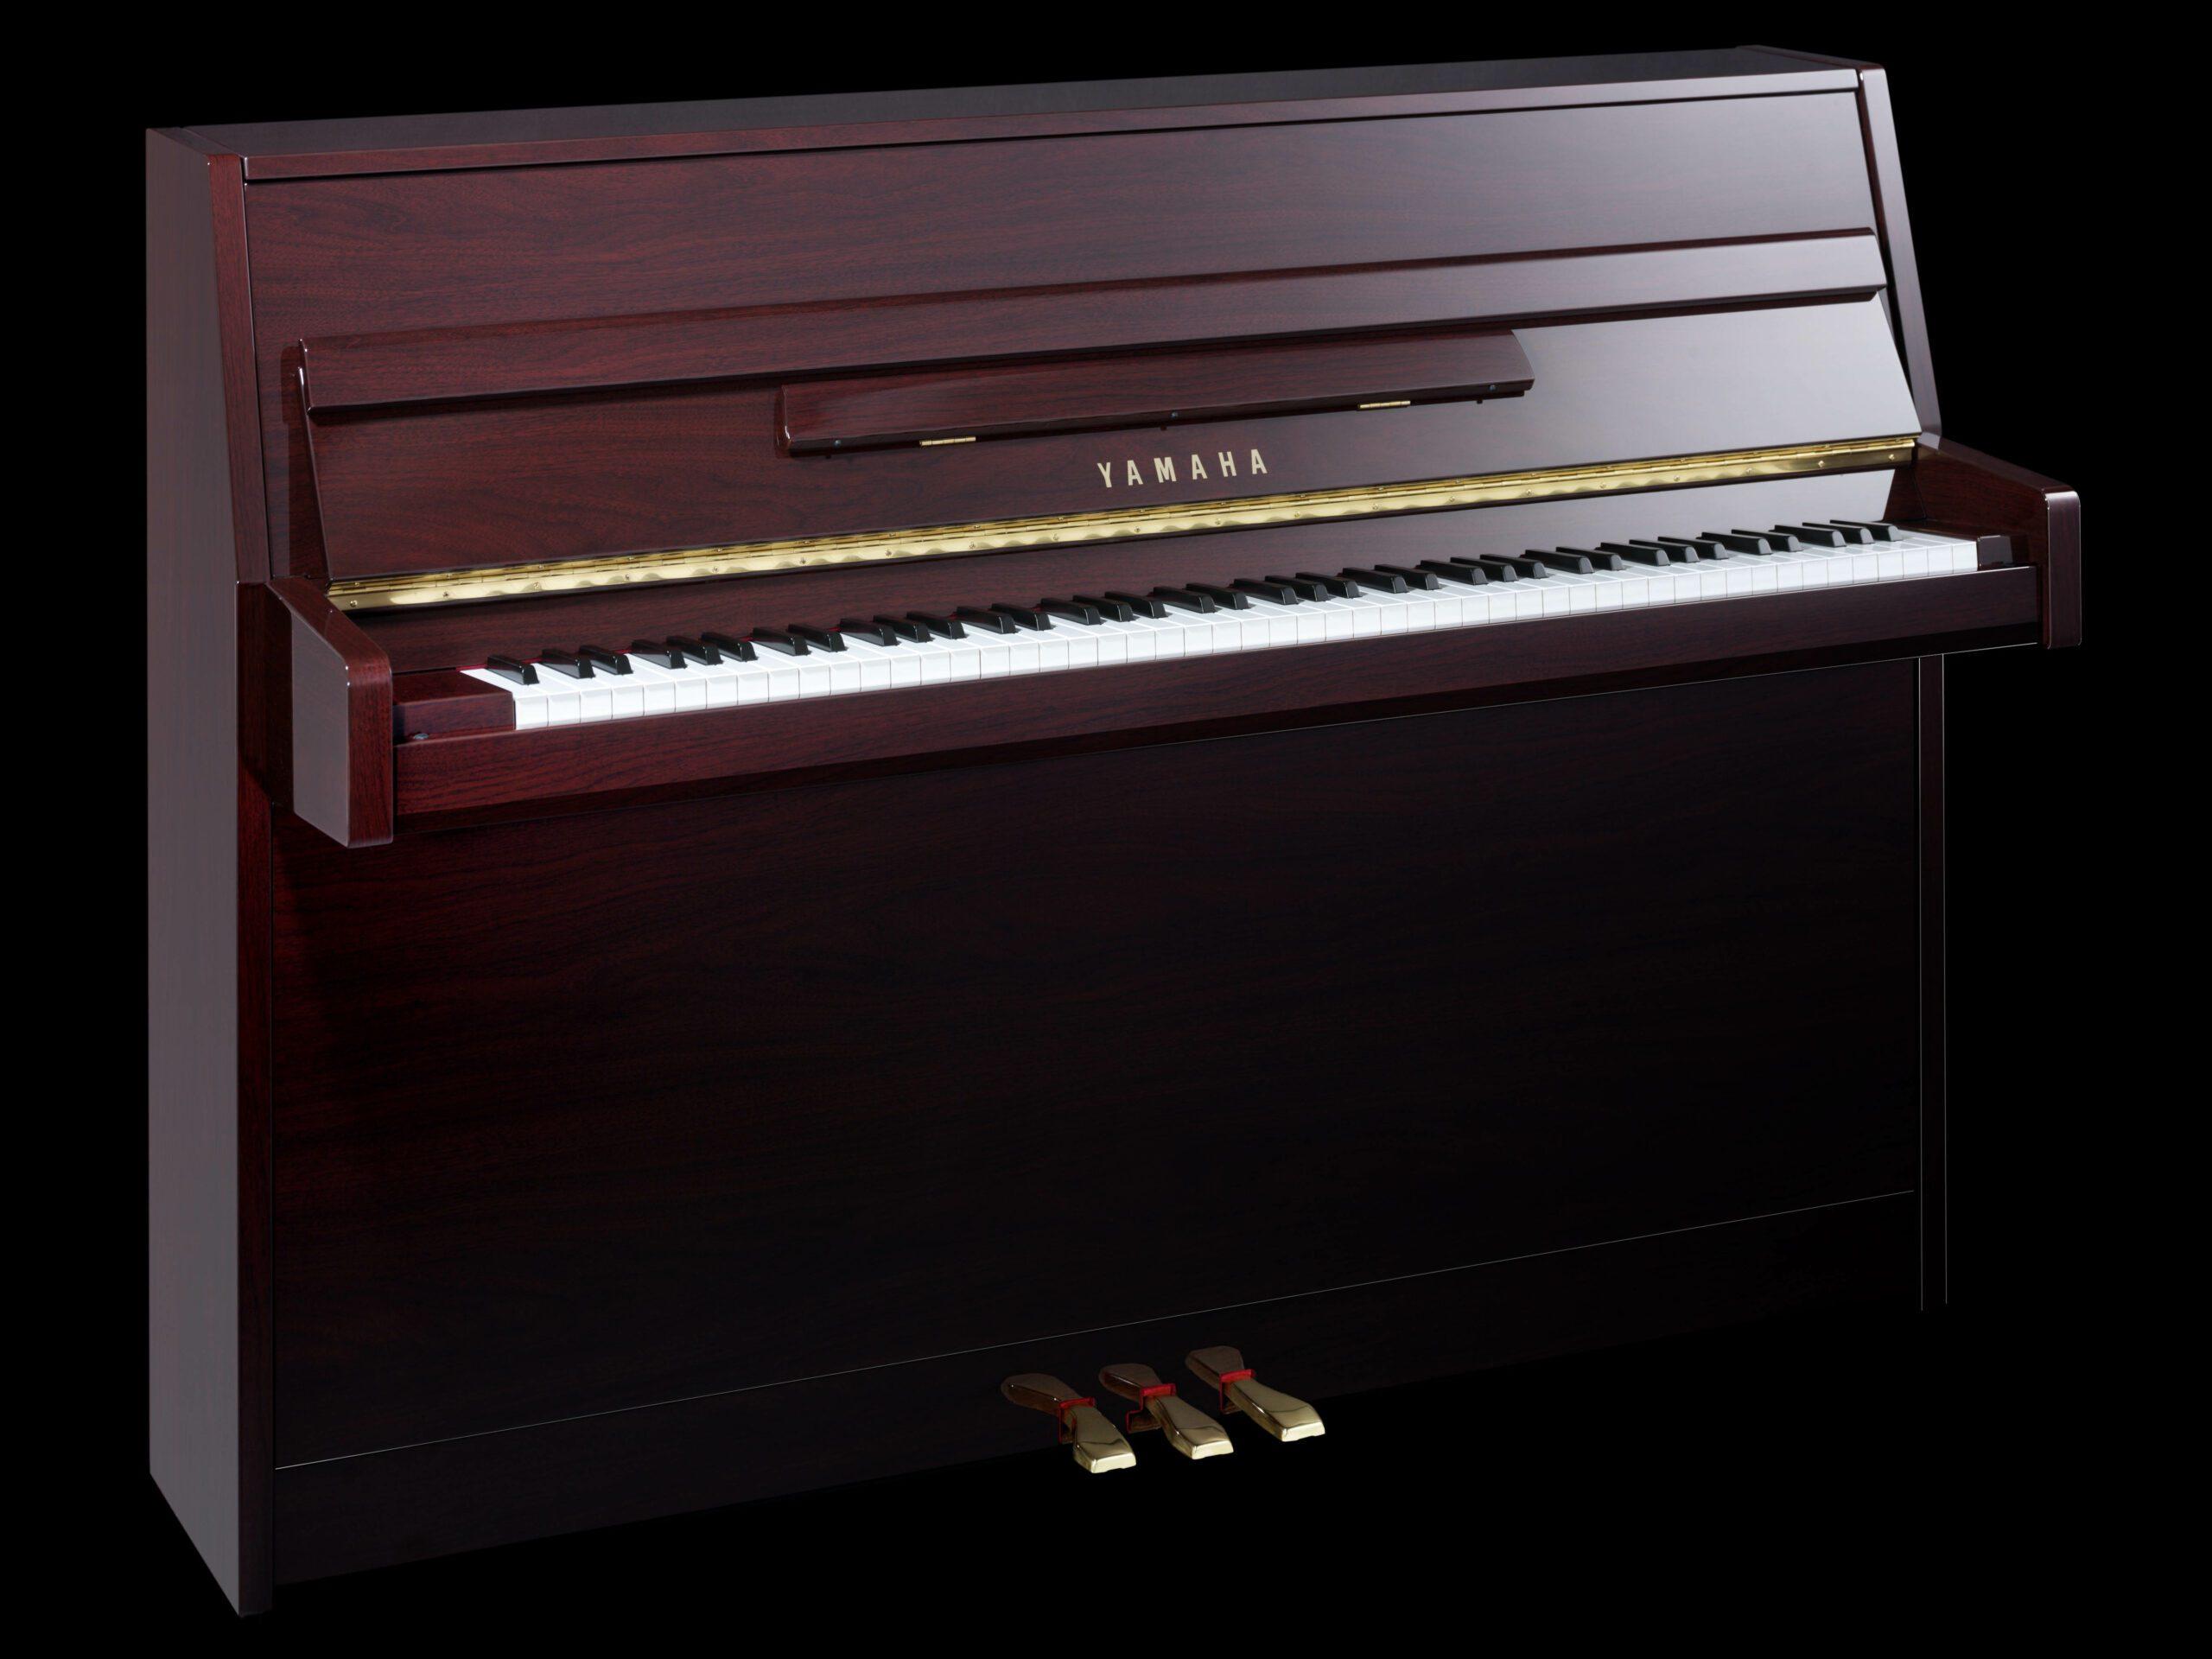 Yamaha B1 PM